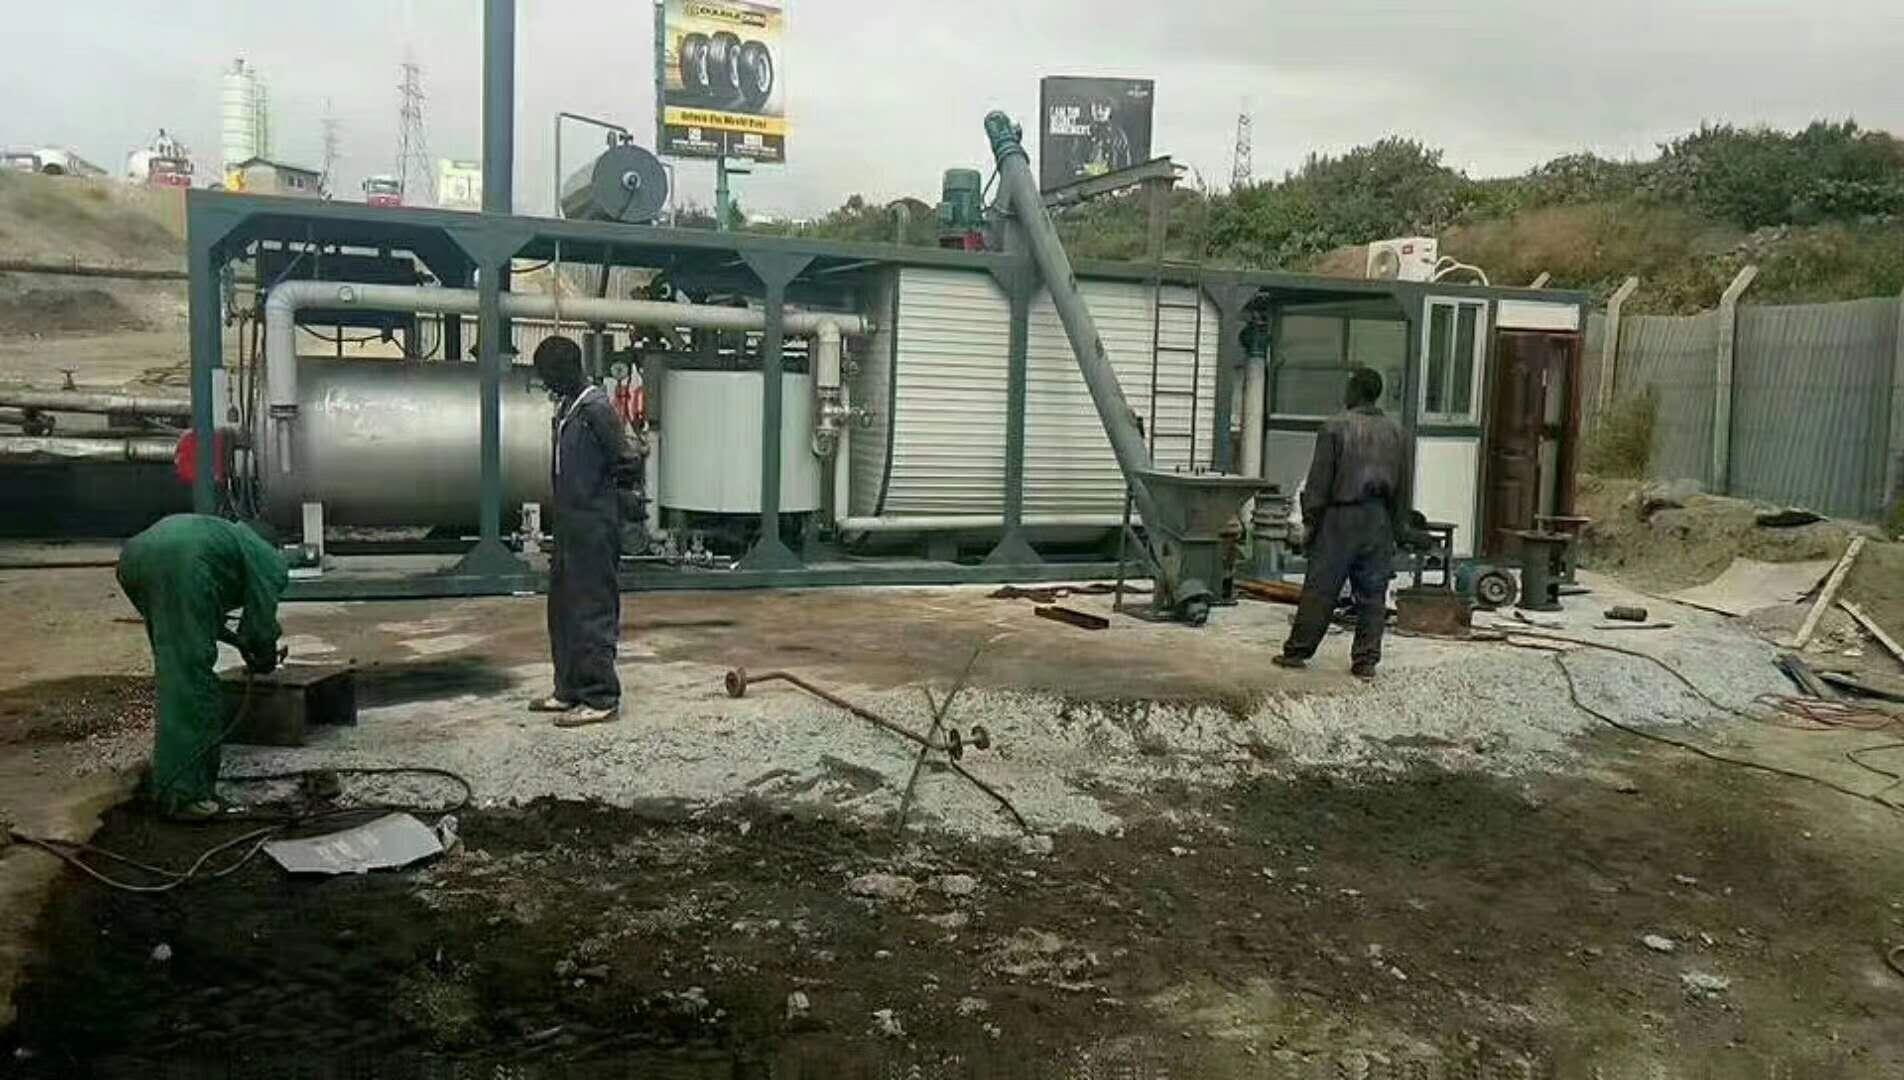 非洲15吨改性釜罐机组一体设备